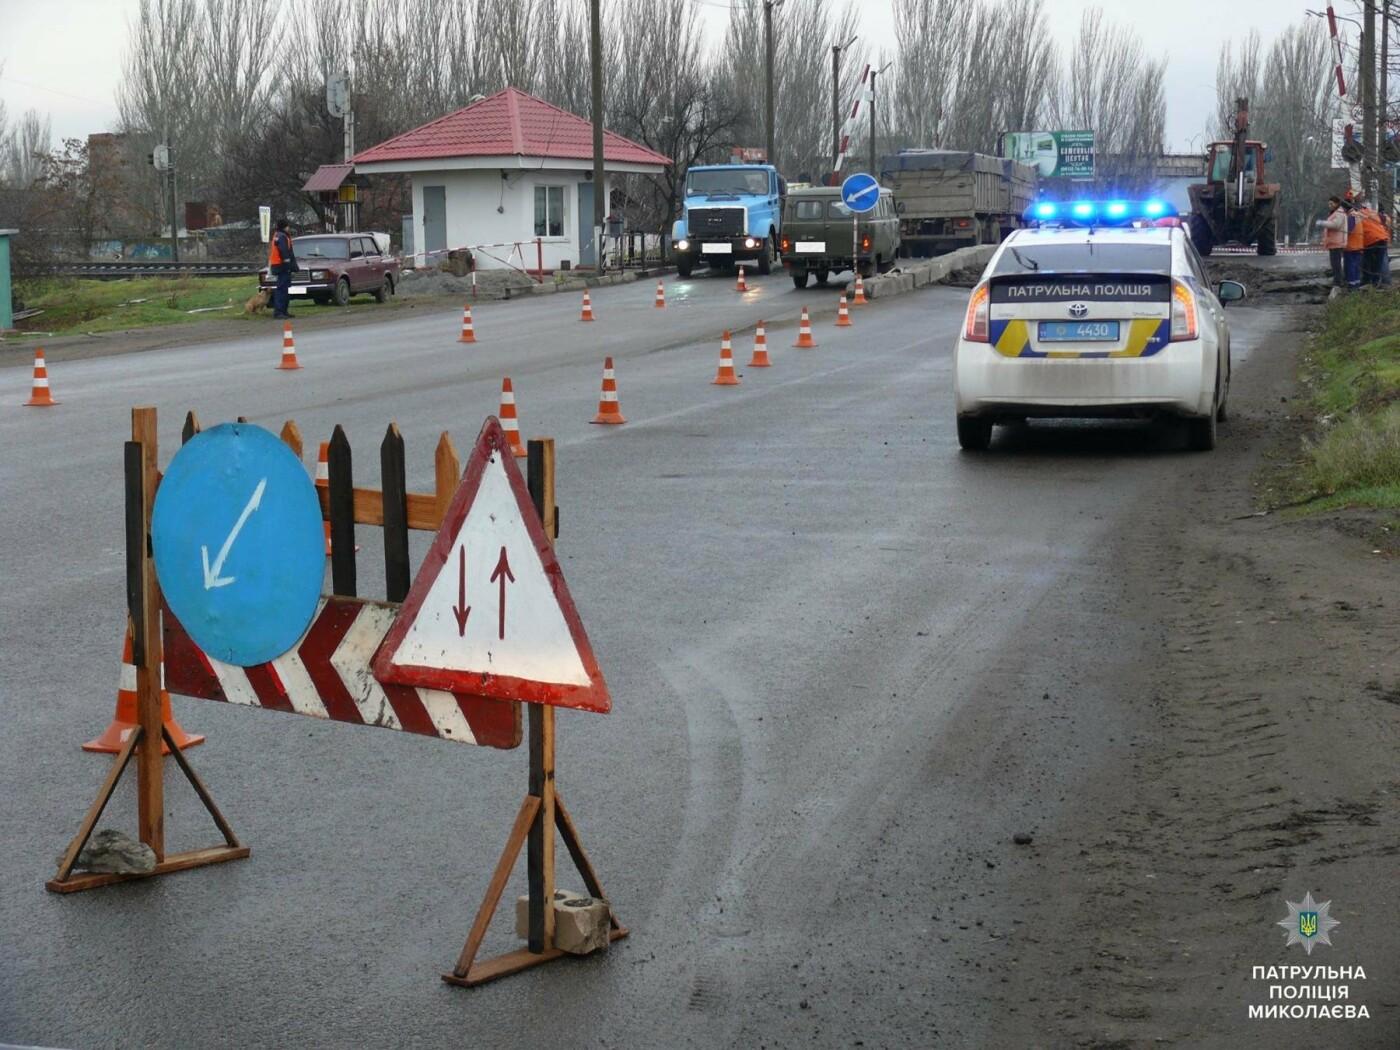 Николаевские патрульные проверили состояние дорожных знаков на Херсонском шоссе, - ФОТО, фото-5